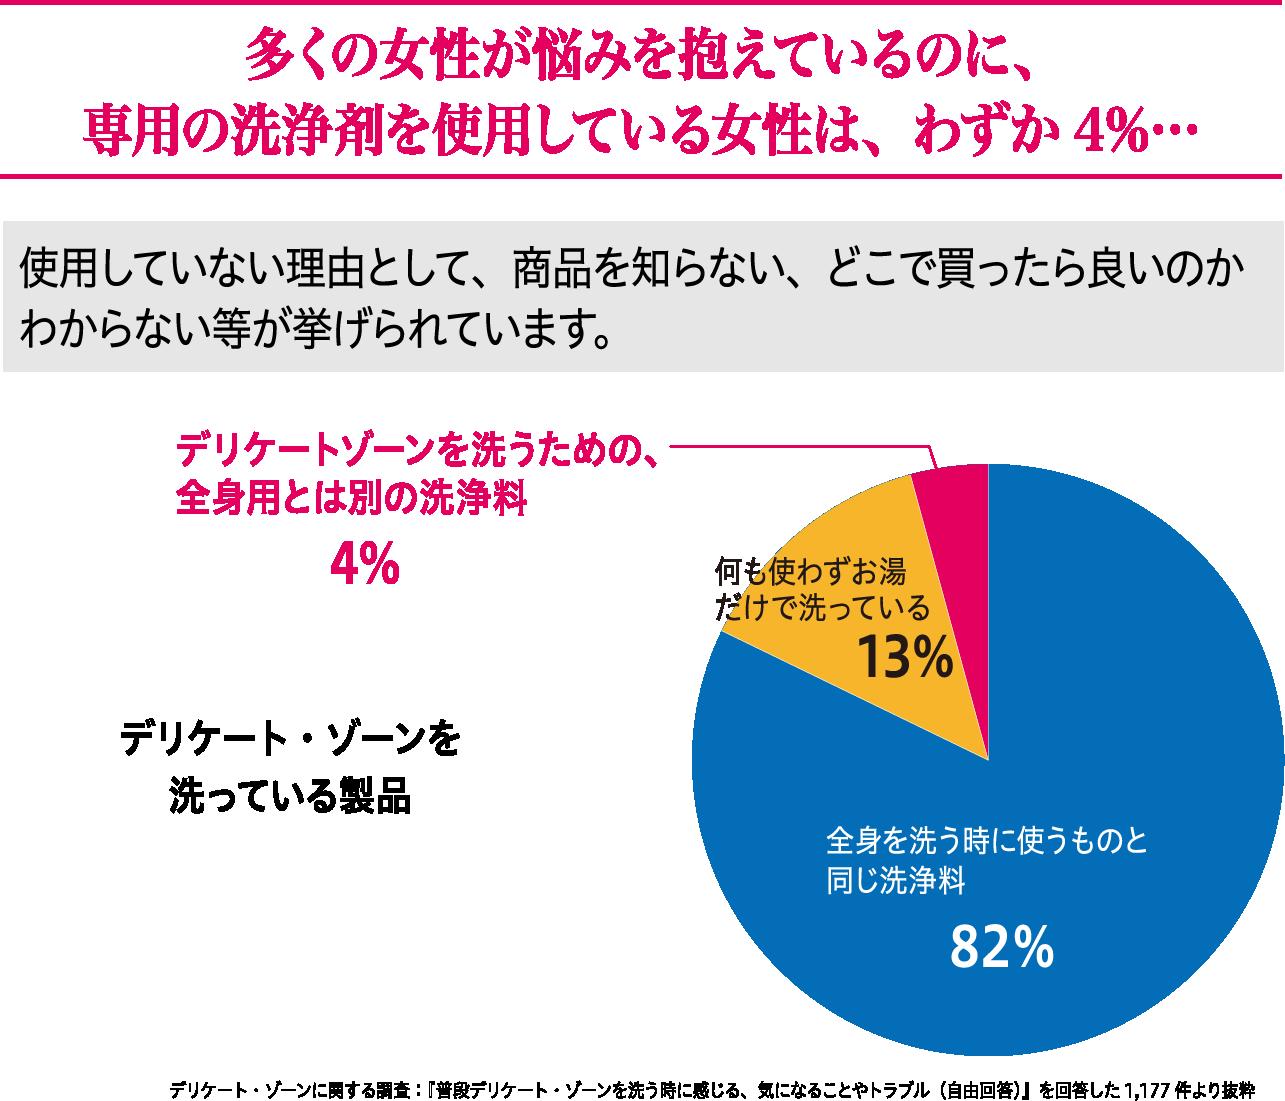 多くの女性が悩みを抱えているのに、専用の洗浄剤を使用している女性は、わずか4%